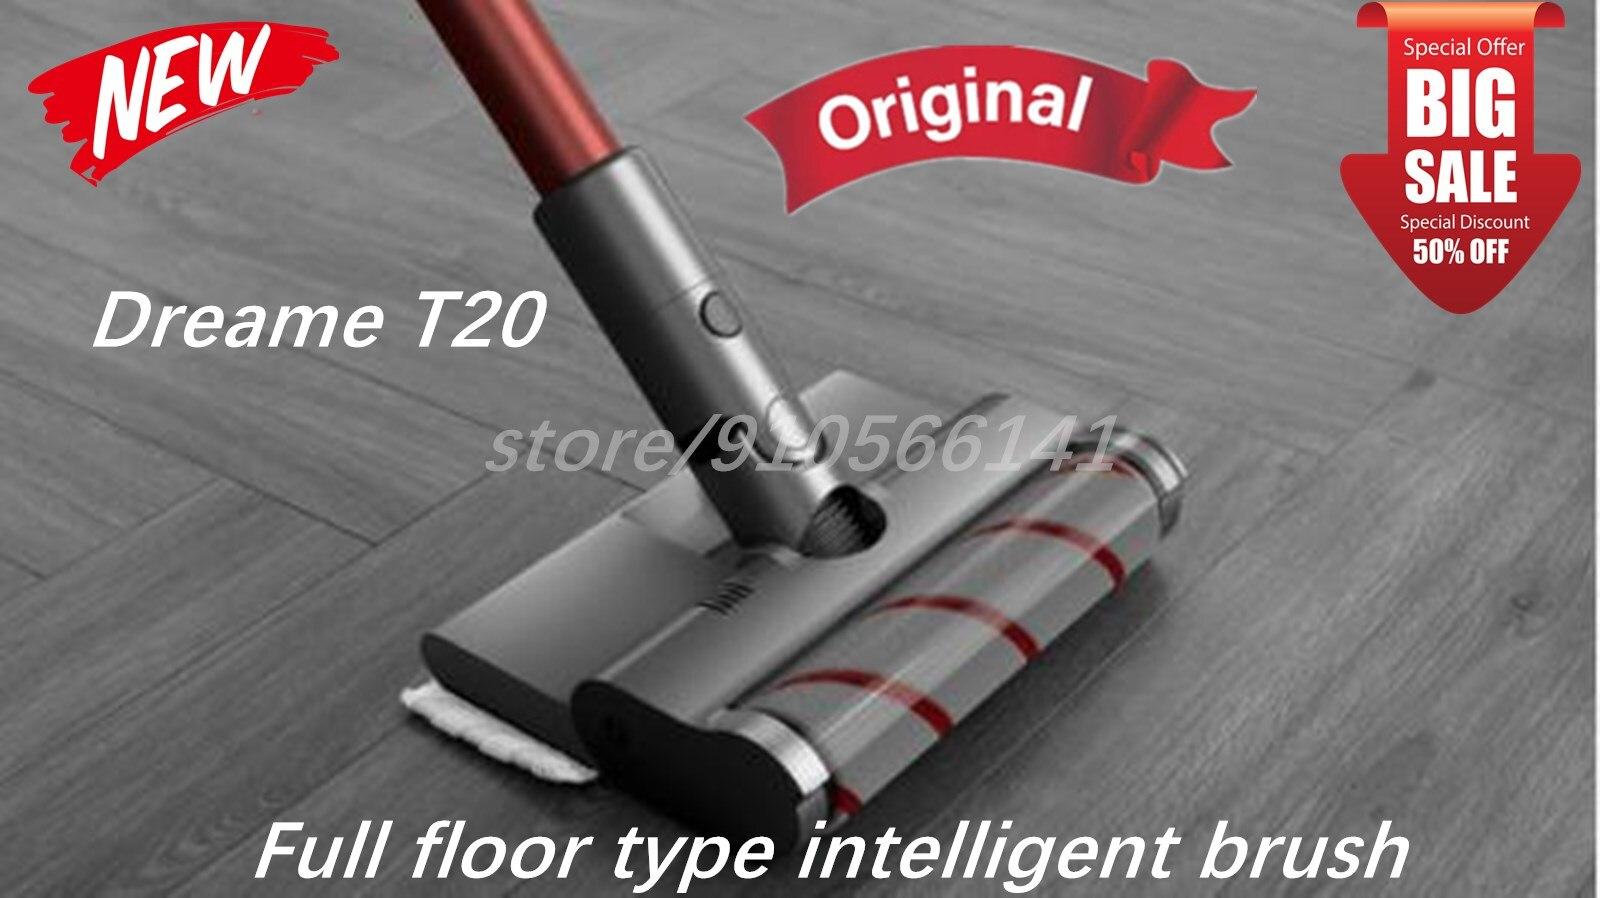 الأصلي الرئيسي جميع أنواع الكلمة الذكية فرشاة مع خزان المياه و ممسحة الملابس إكسسوارات قطع غيار ل Dreame T20 مكنسة كهربائية